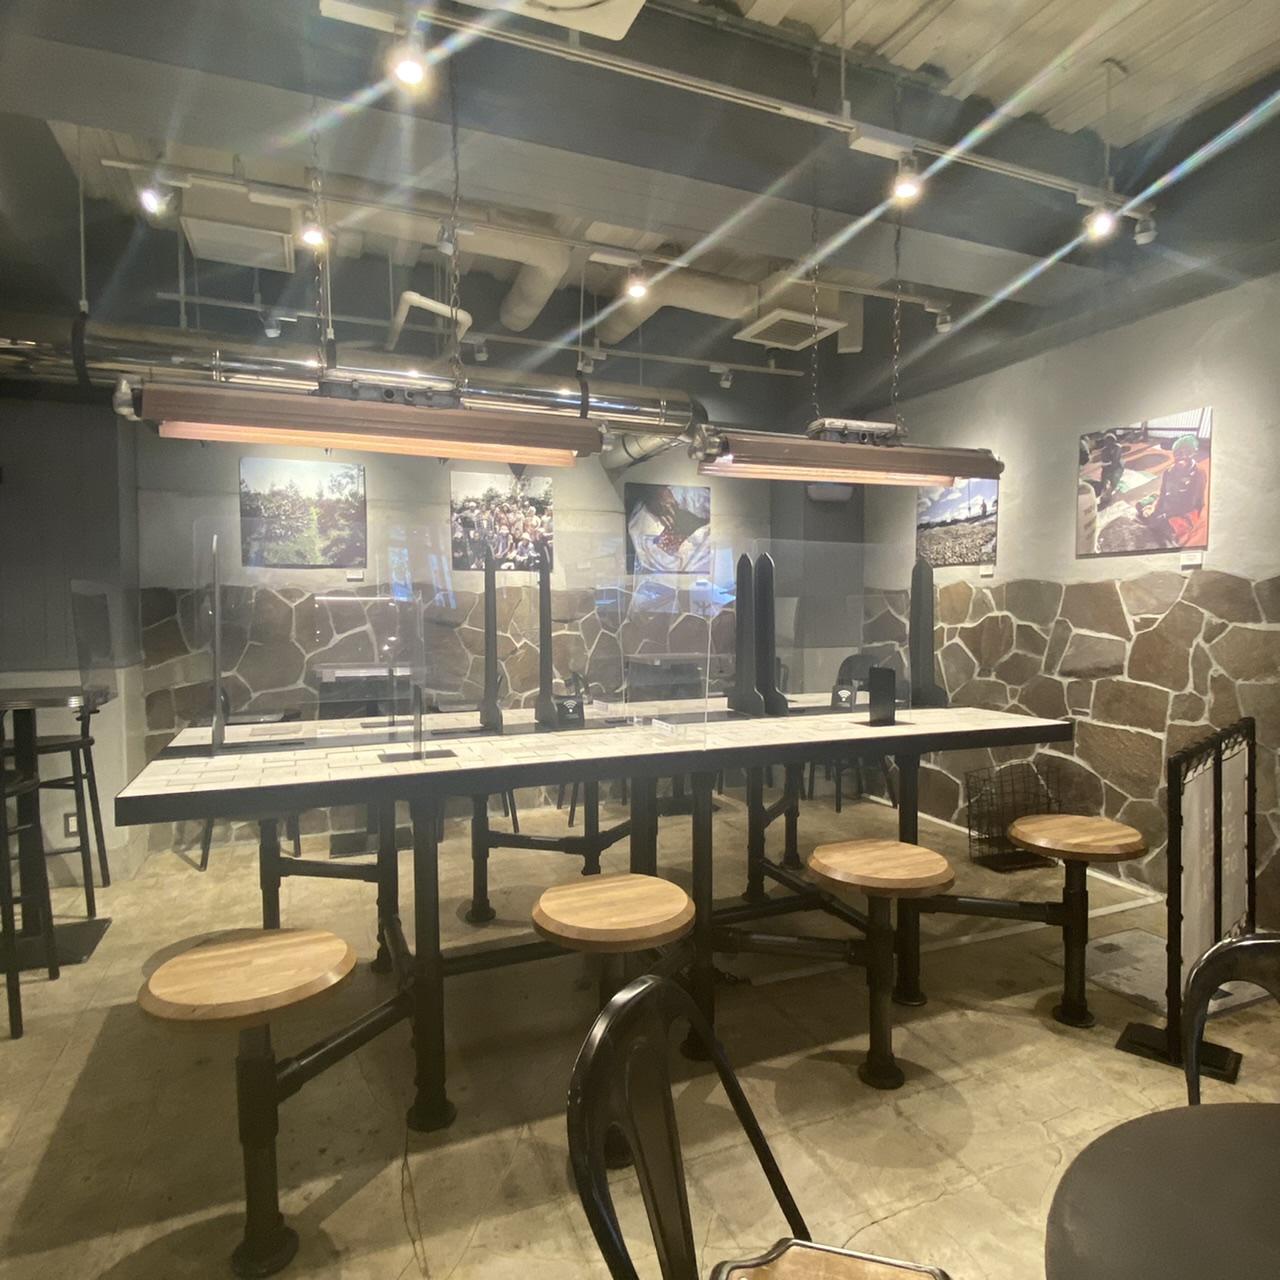 【渋谷カフェ】穴場すぎるコーヒー店!コーヒーソフトが絶品《Roasted Coffee Laboratory》_6